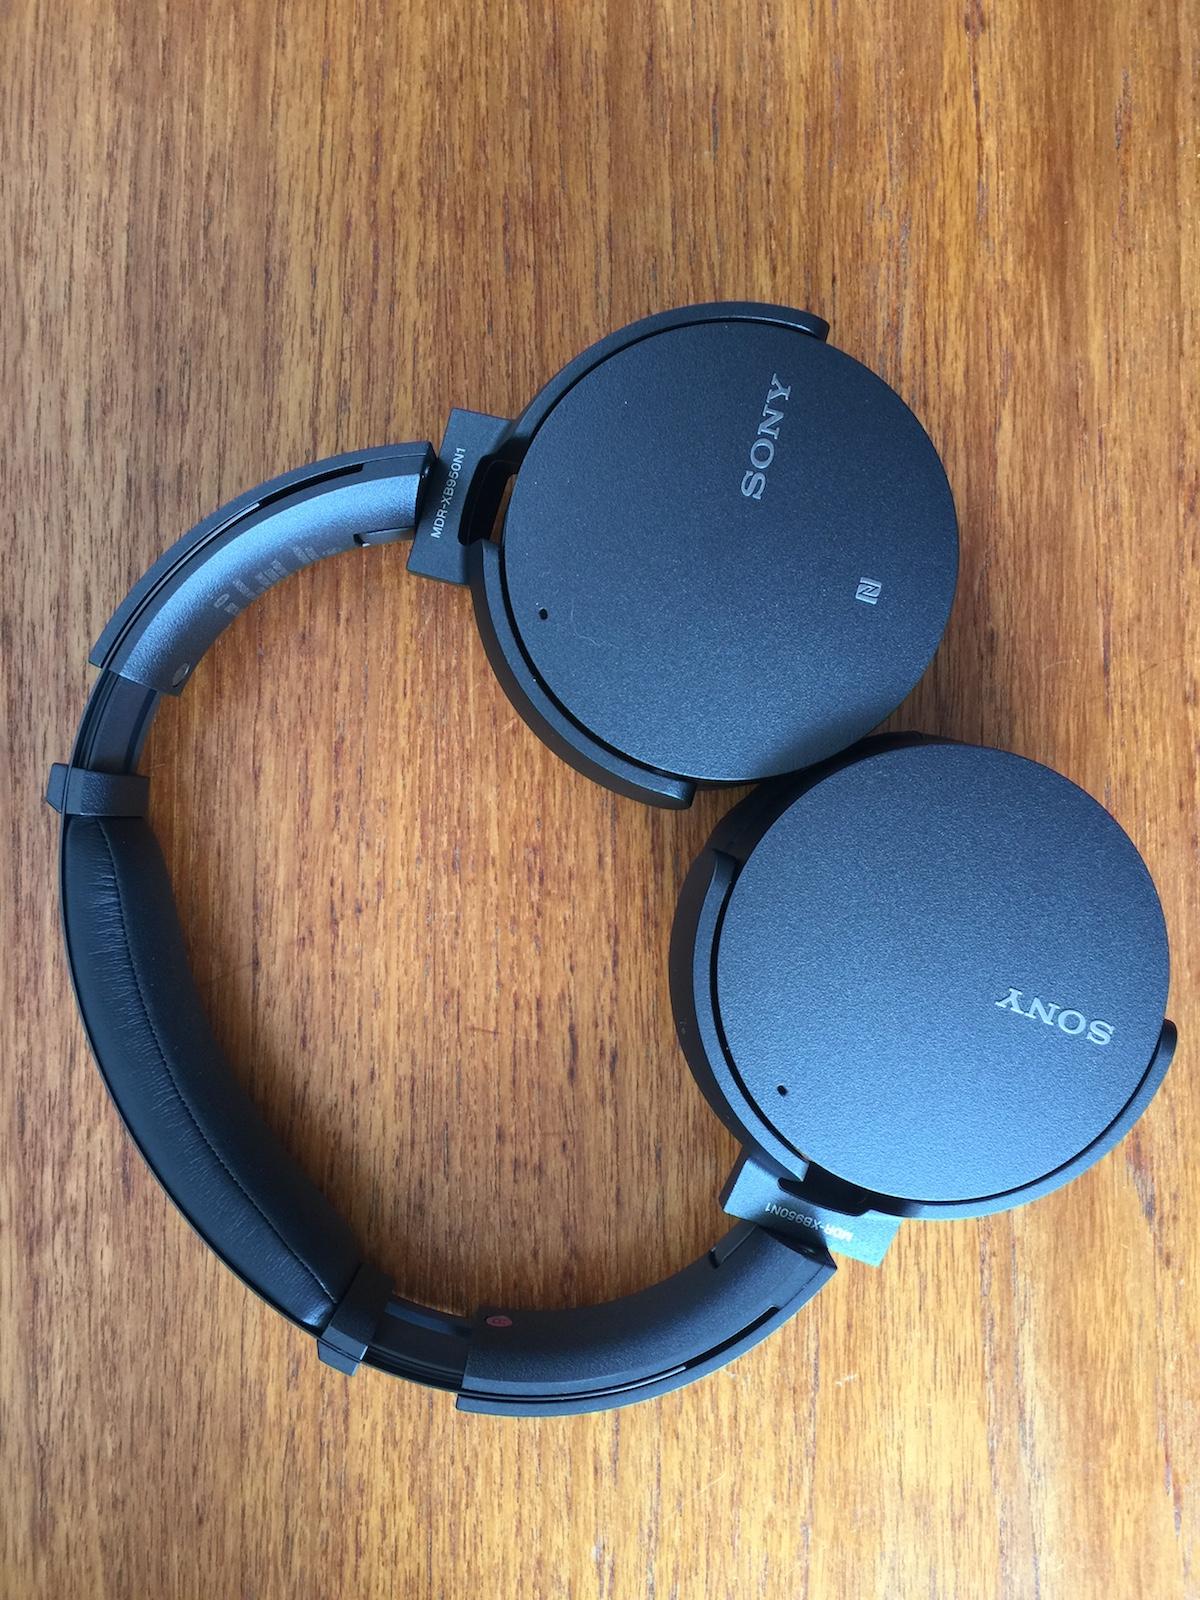 Sony mdr xb950n1 headphones